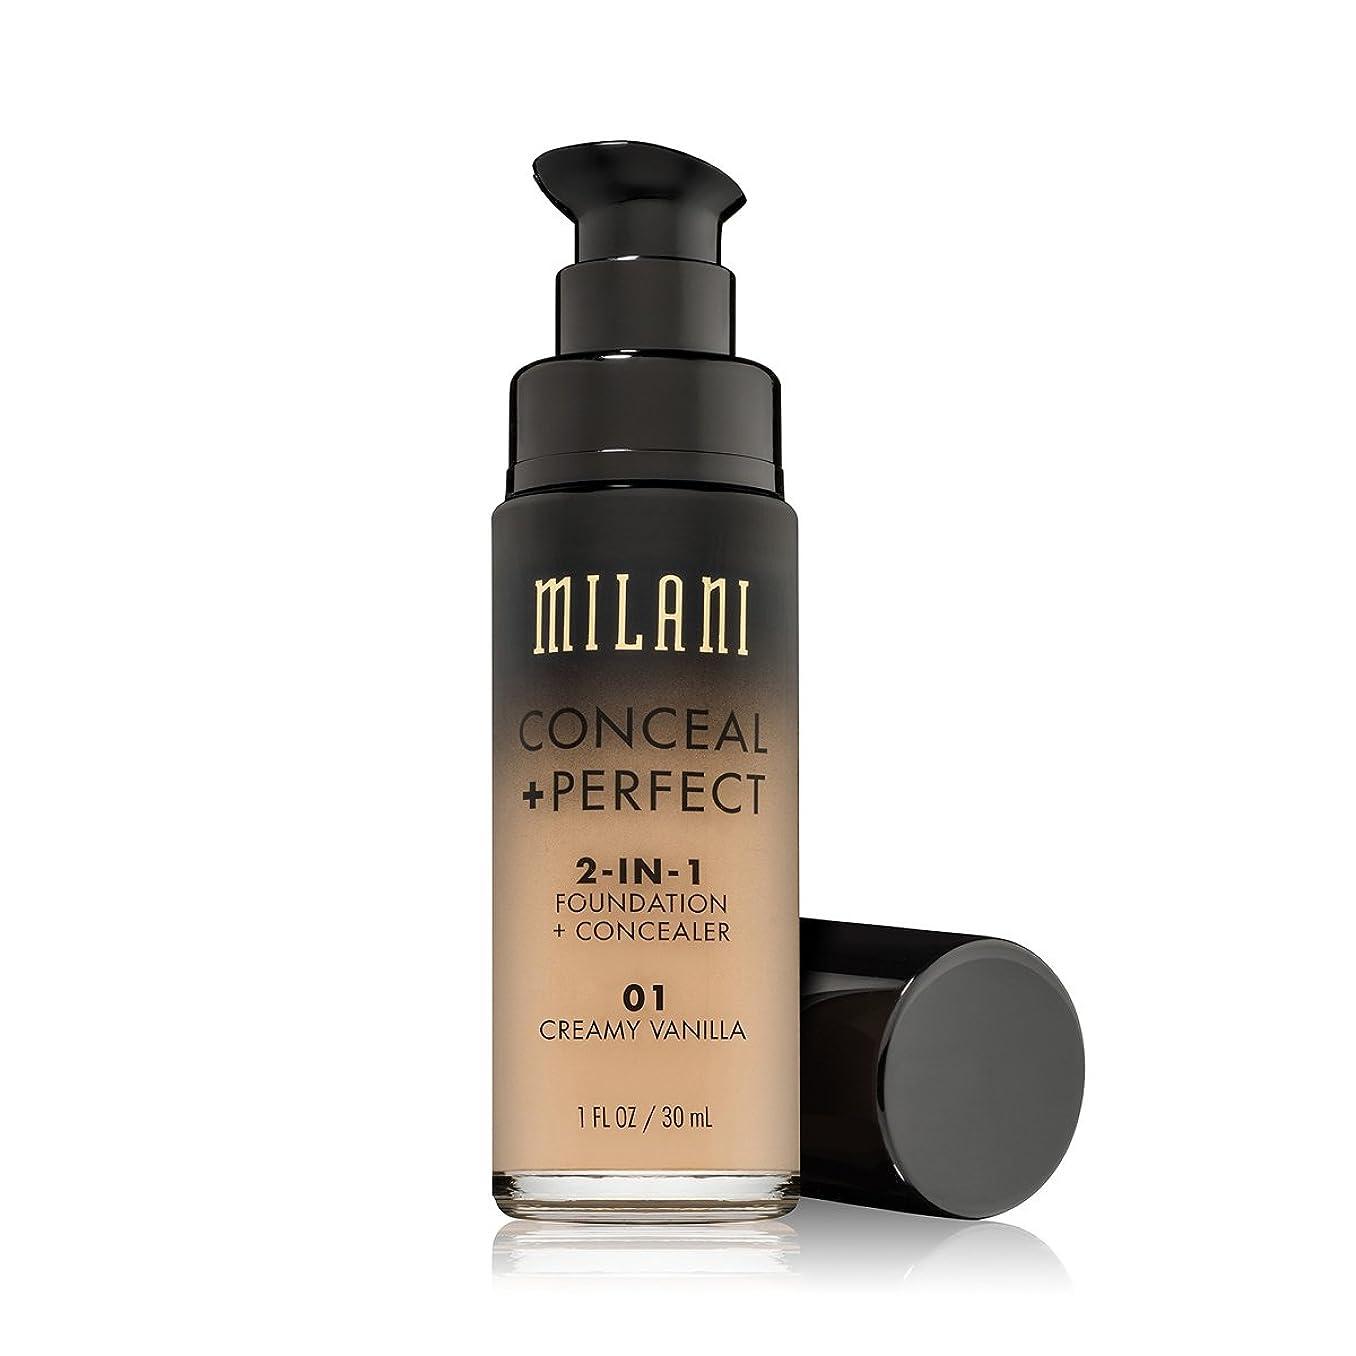 単語シティ佐賀MILANI Conceal + Perfect 2-In-1 Foundation + Concealer - Creamy Vanilla (並行輸入品)